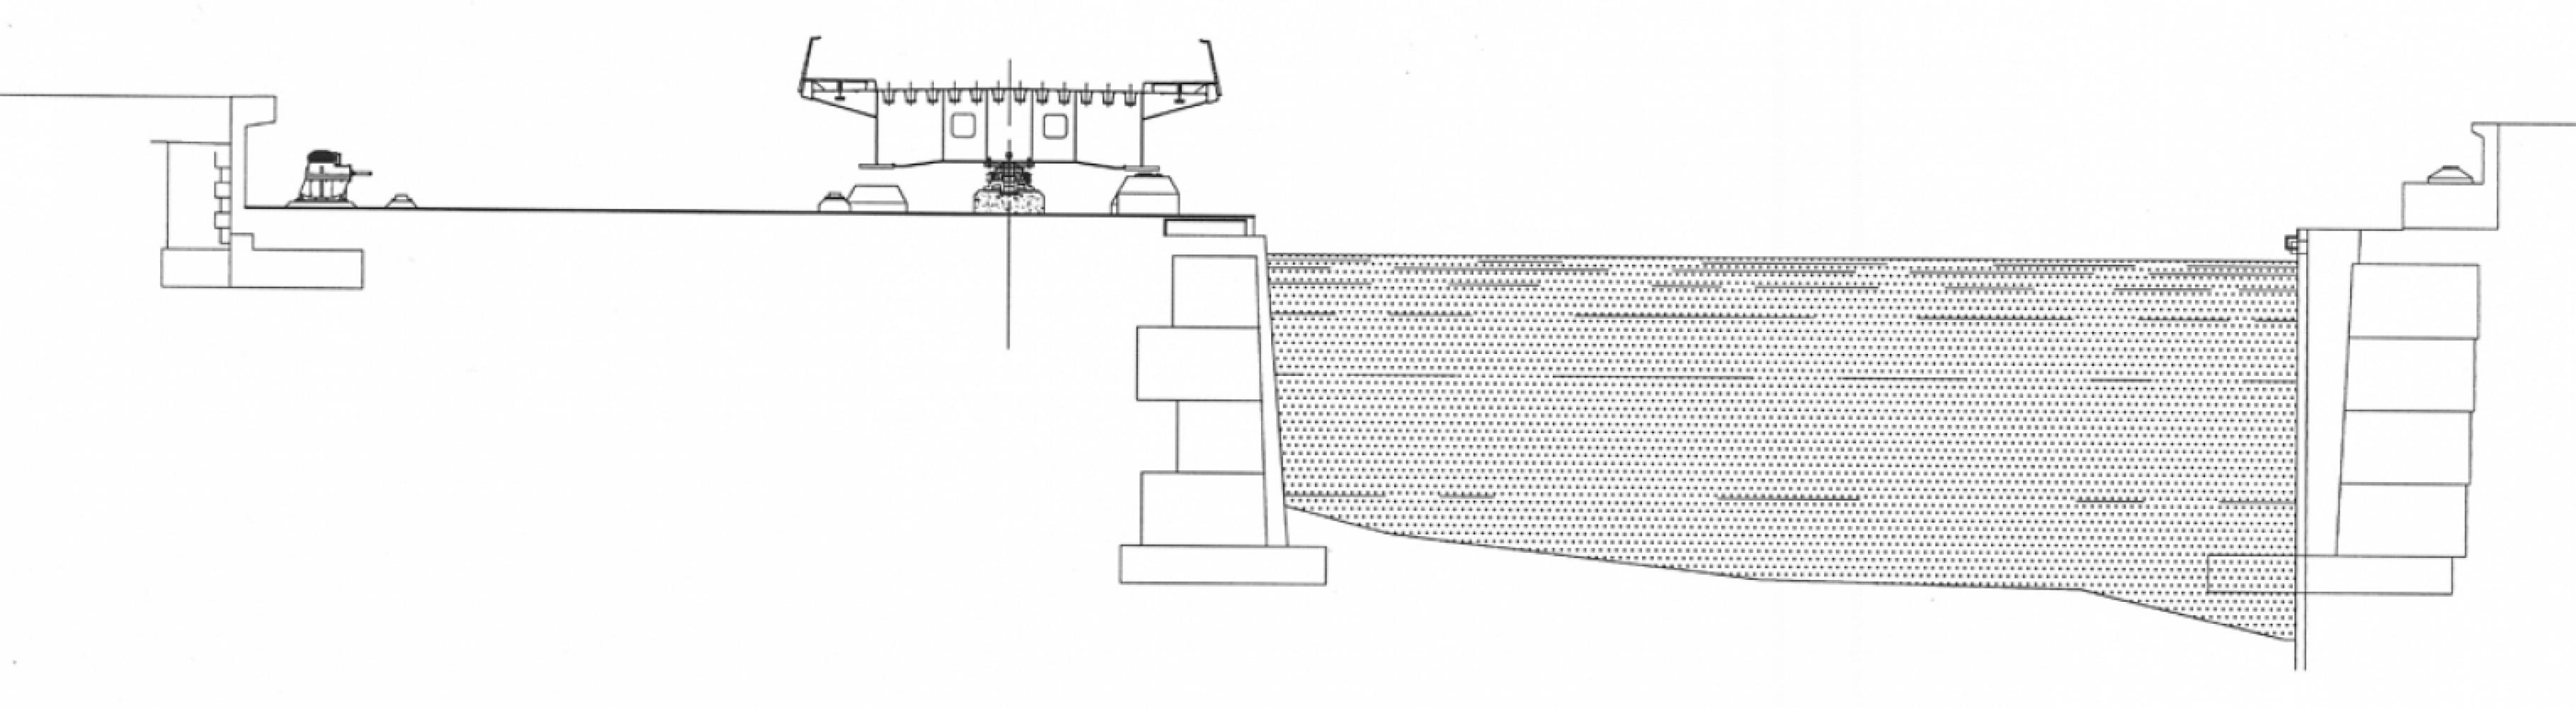 sete01 Pascale SEURIN Architecte - Divers